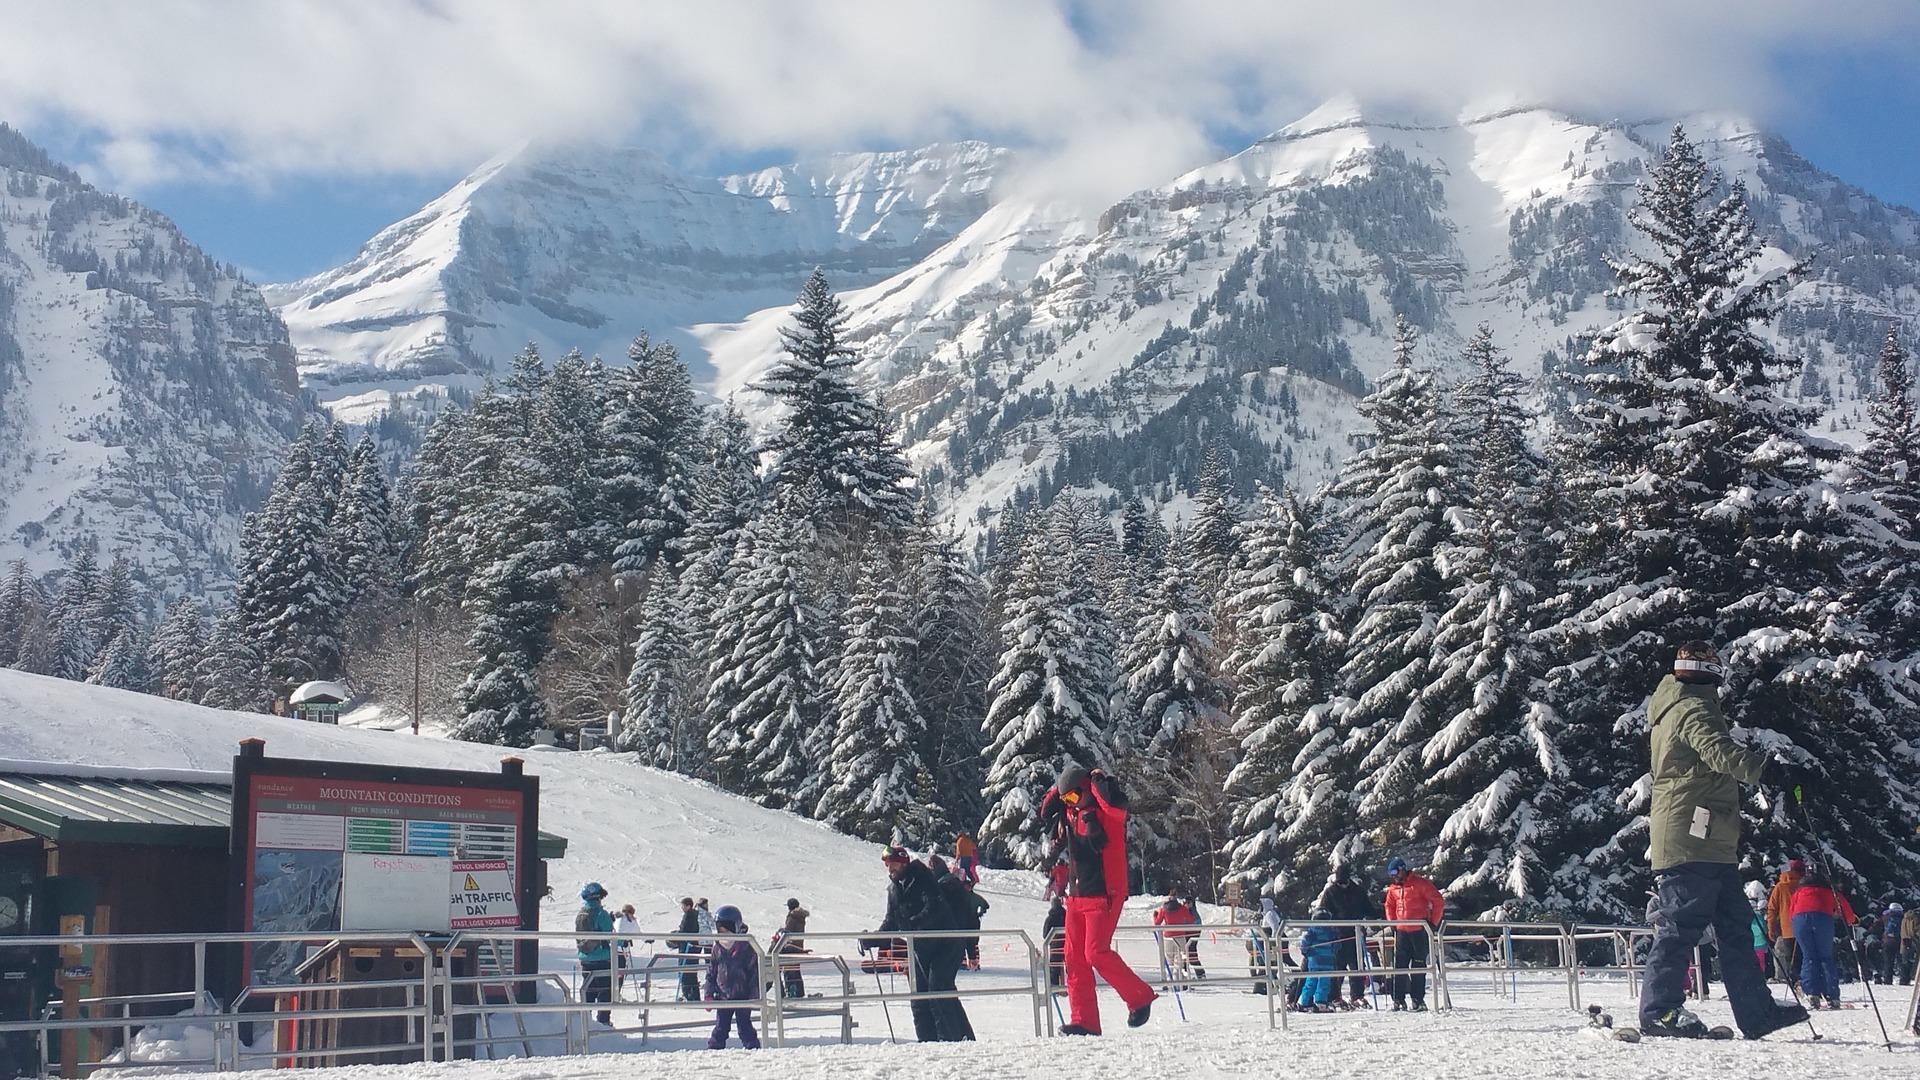 Image of a ski lift at Sundance Ski Resort in Utah   TAB Bank